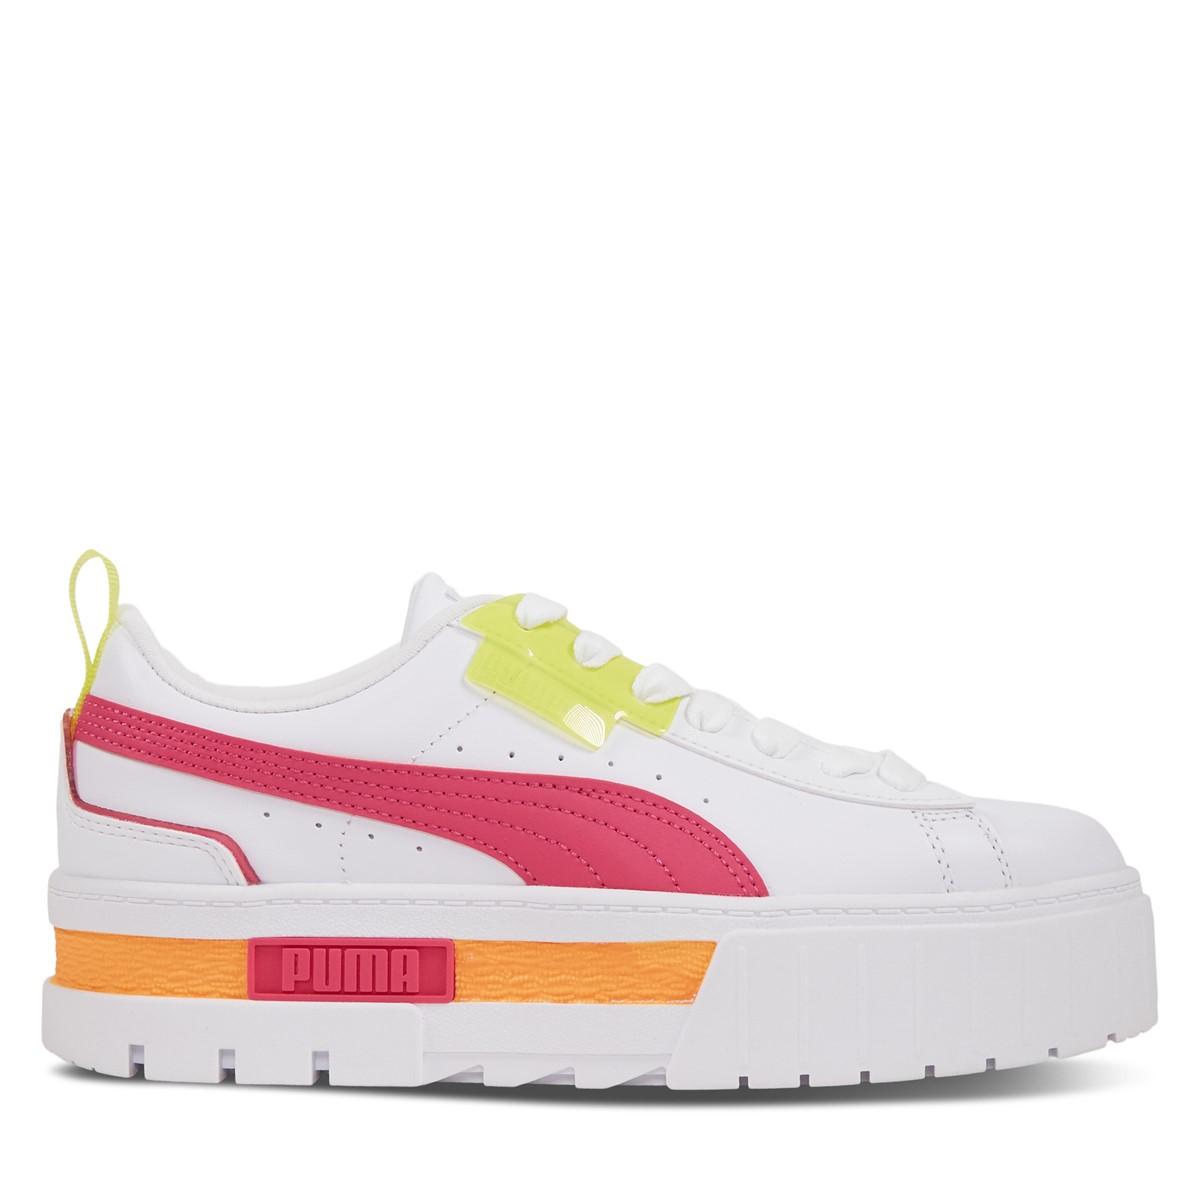 Women's Mayze City Lights Platform Sneakers in White/Multi Neon